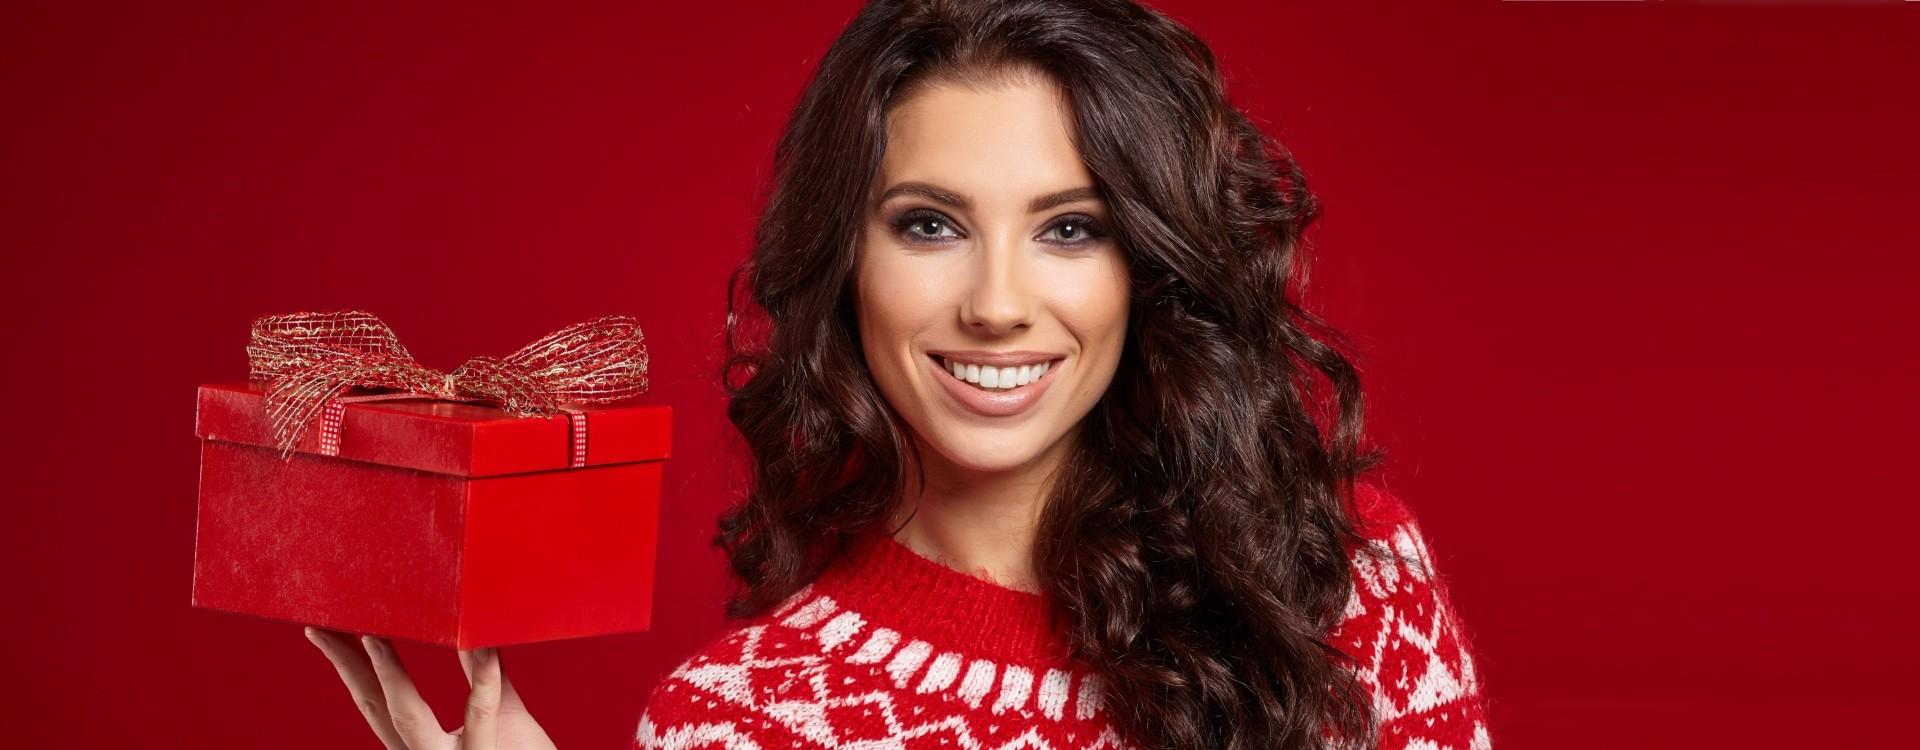 Ką padovanoti moteriai Kalėdoms?